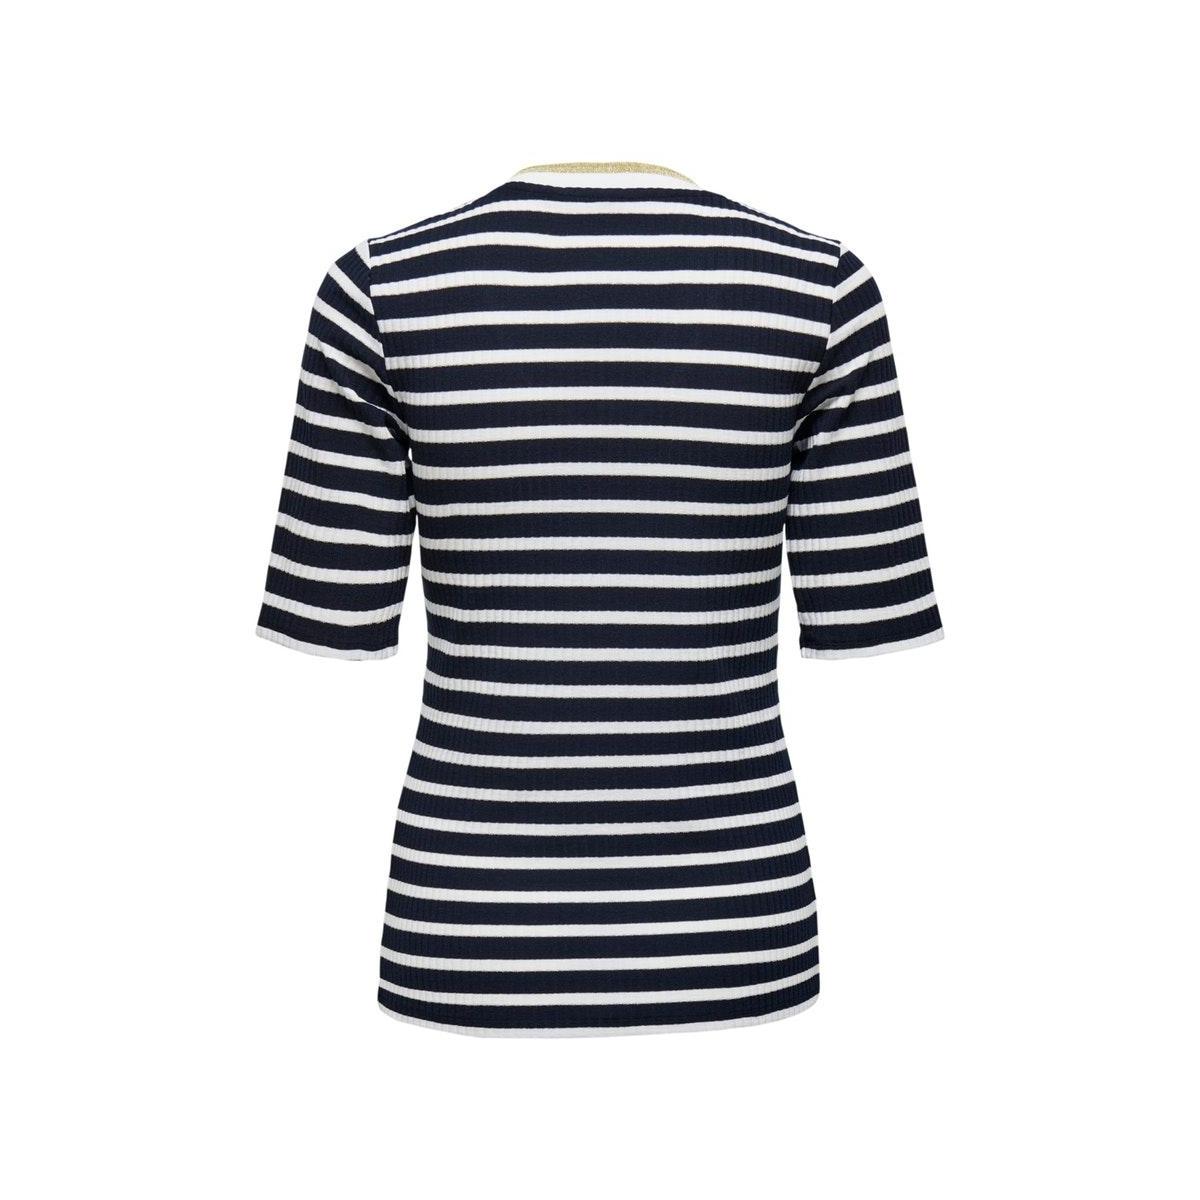 onlkilwa v-neck rib 2/4 top jrs 15219745 only t-shirt nicht sky/cloud danc